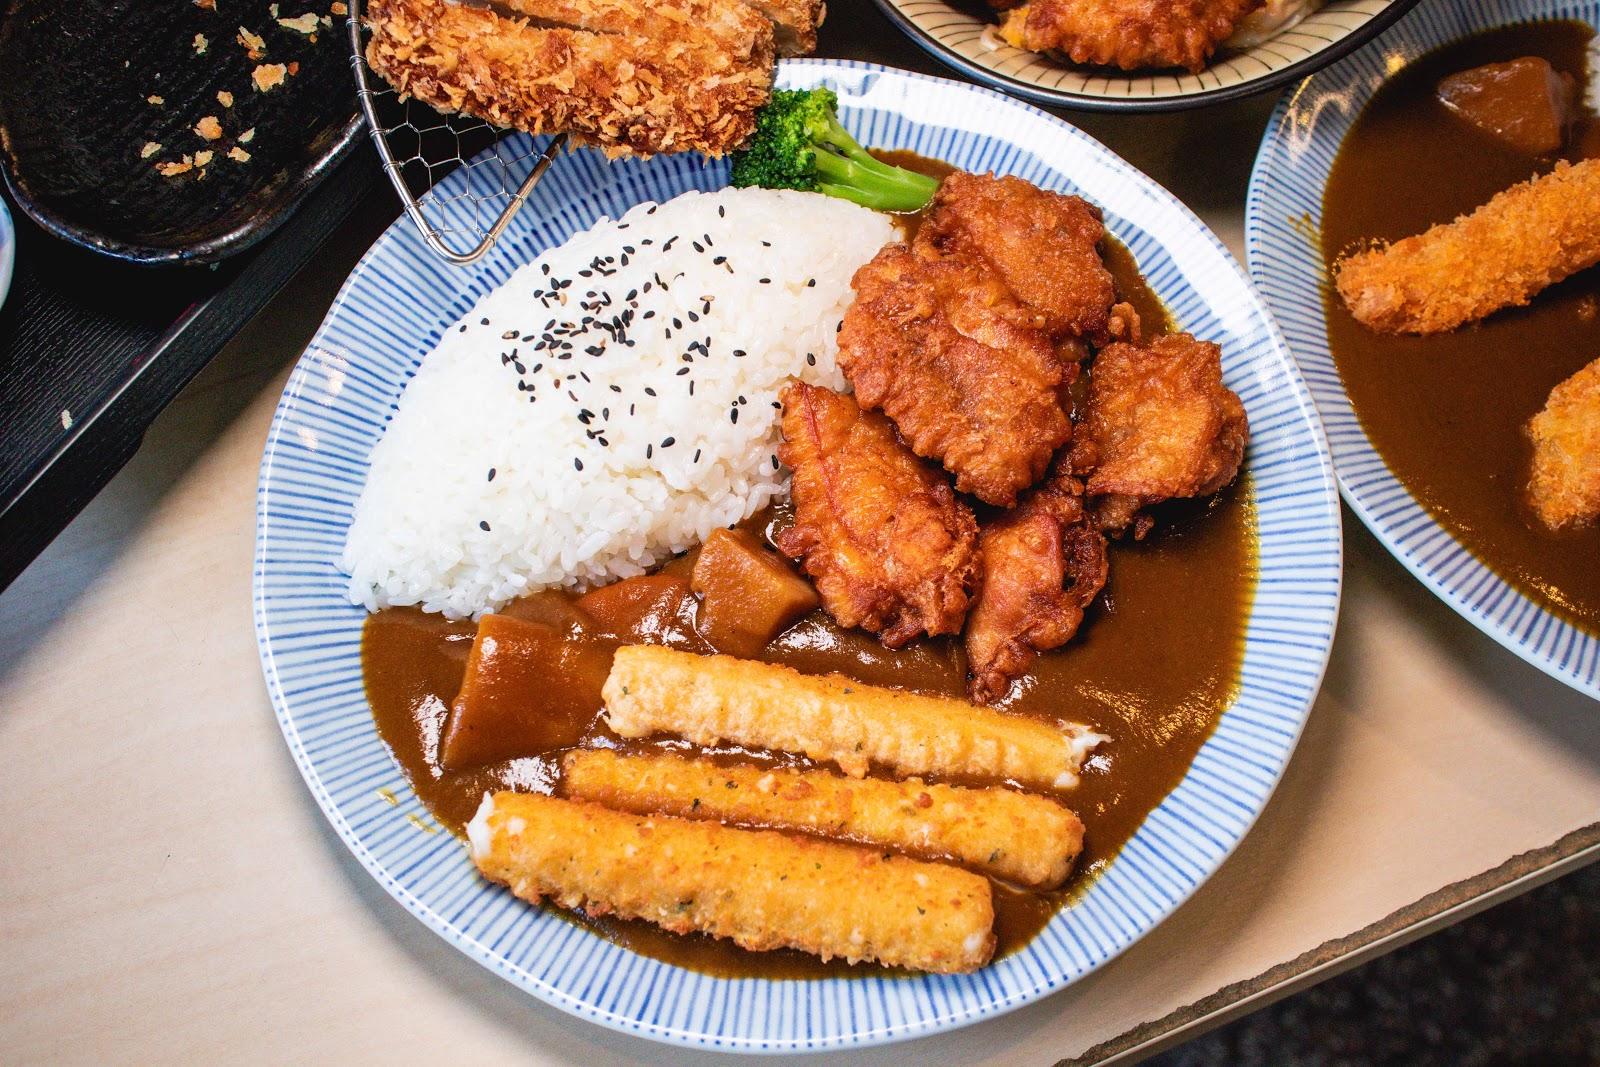 臺南咖哩飯【有吉可樂】永康美食!人氣咖哩飯妳吃過了嗎?塘楊雞,咖哩飯,丼飯是許多人的私藏名單!